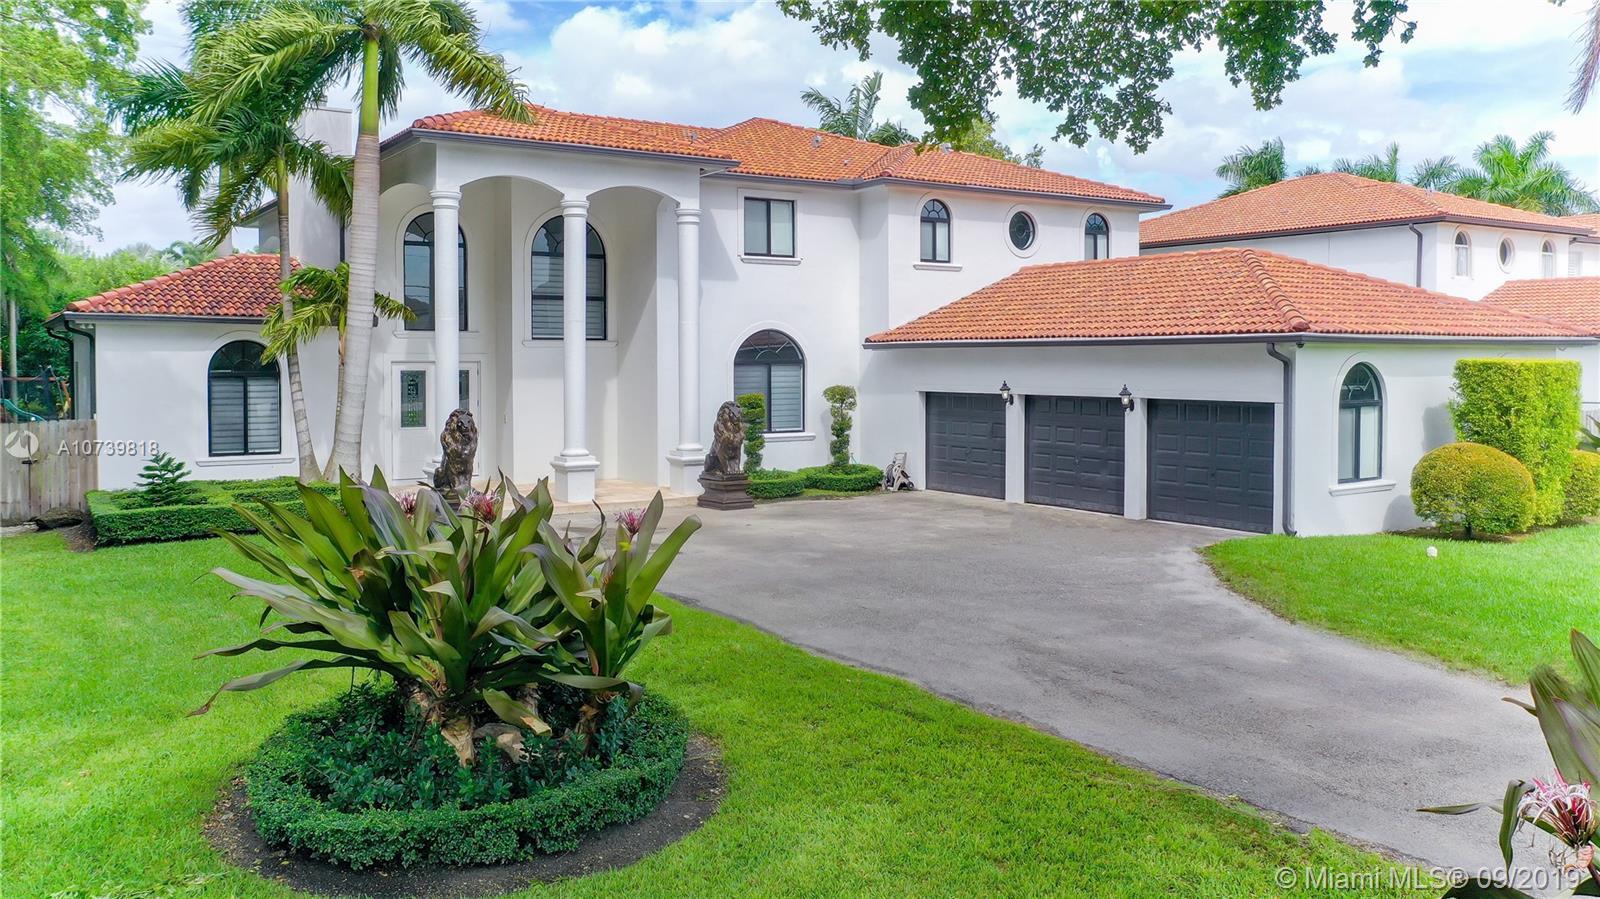 6950 SW 97th Ave, Miami FL 33173